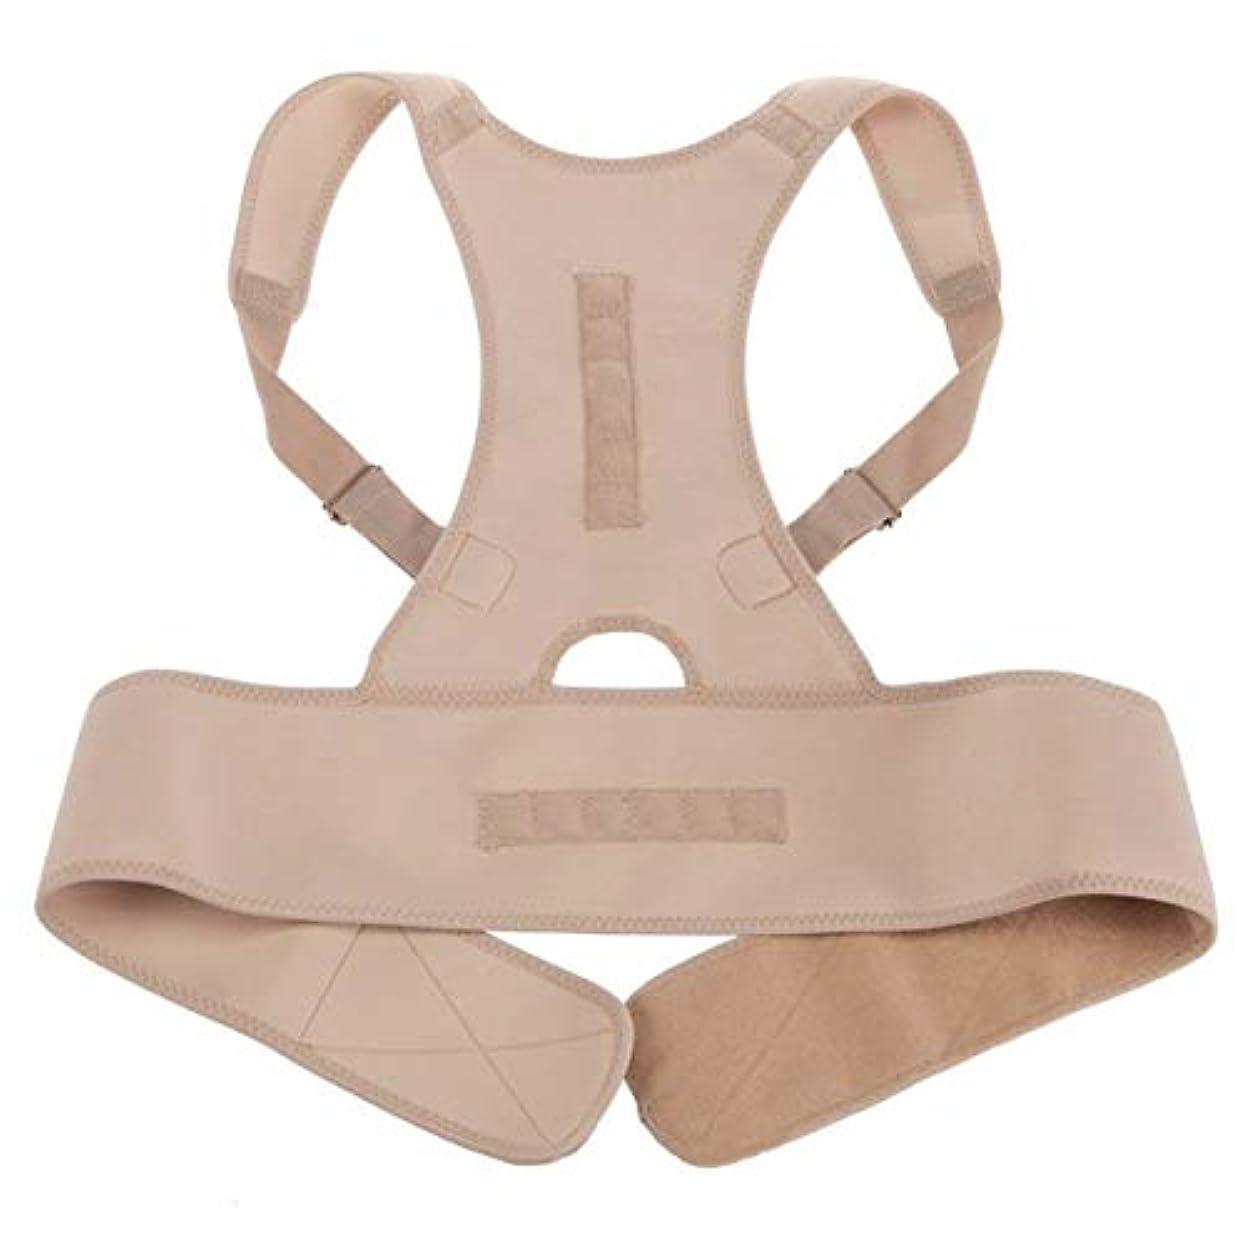 覆すリサイクルする式ネオプレン磁気姿勢補正器バッドバック腰椎肩サポート腰痛ブレースバンドベルトユニセックス快適な服装 - ブラック2 XL